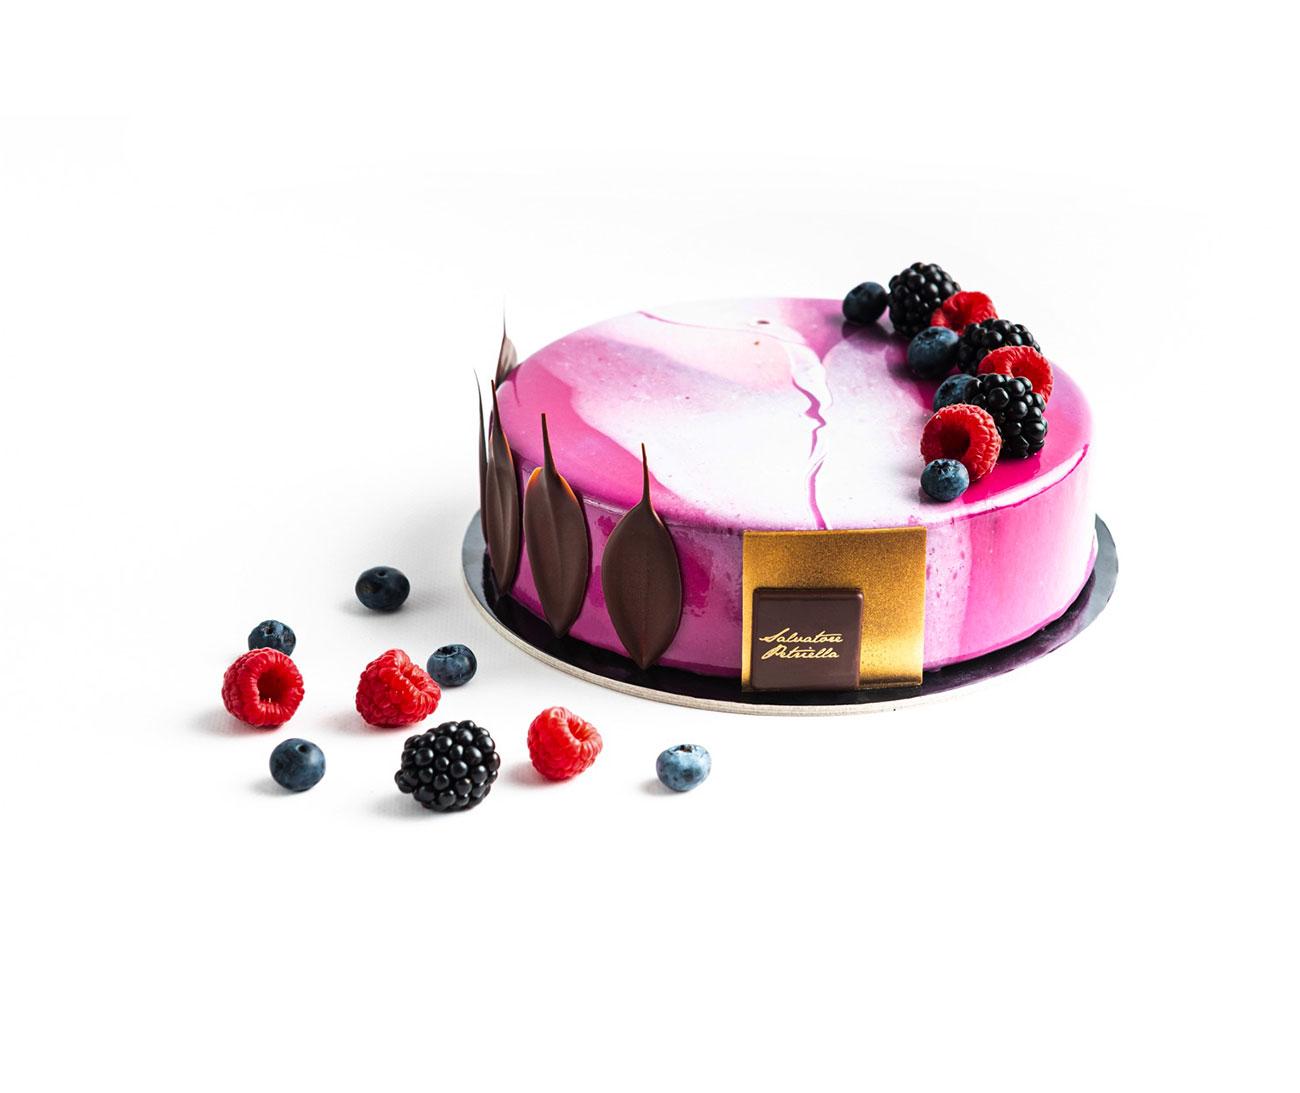 Torte e Dolci Pasticceria Salvatore Petriella